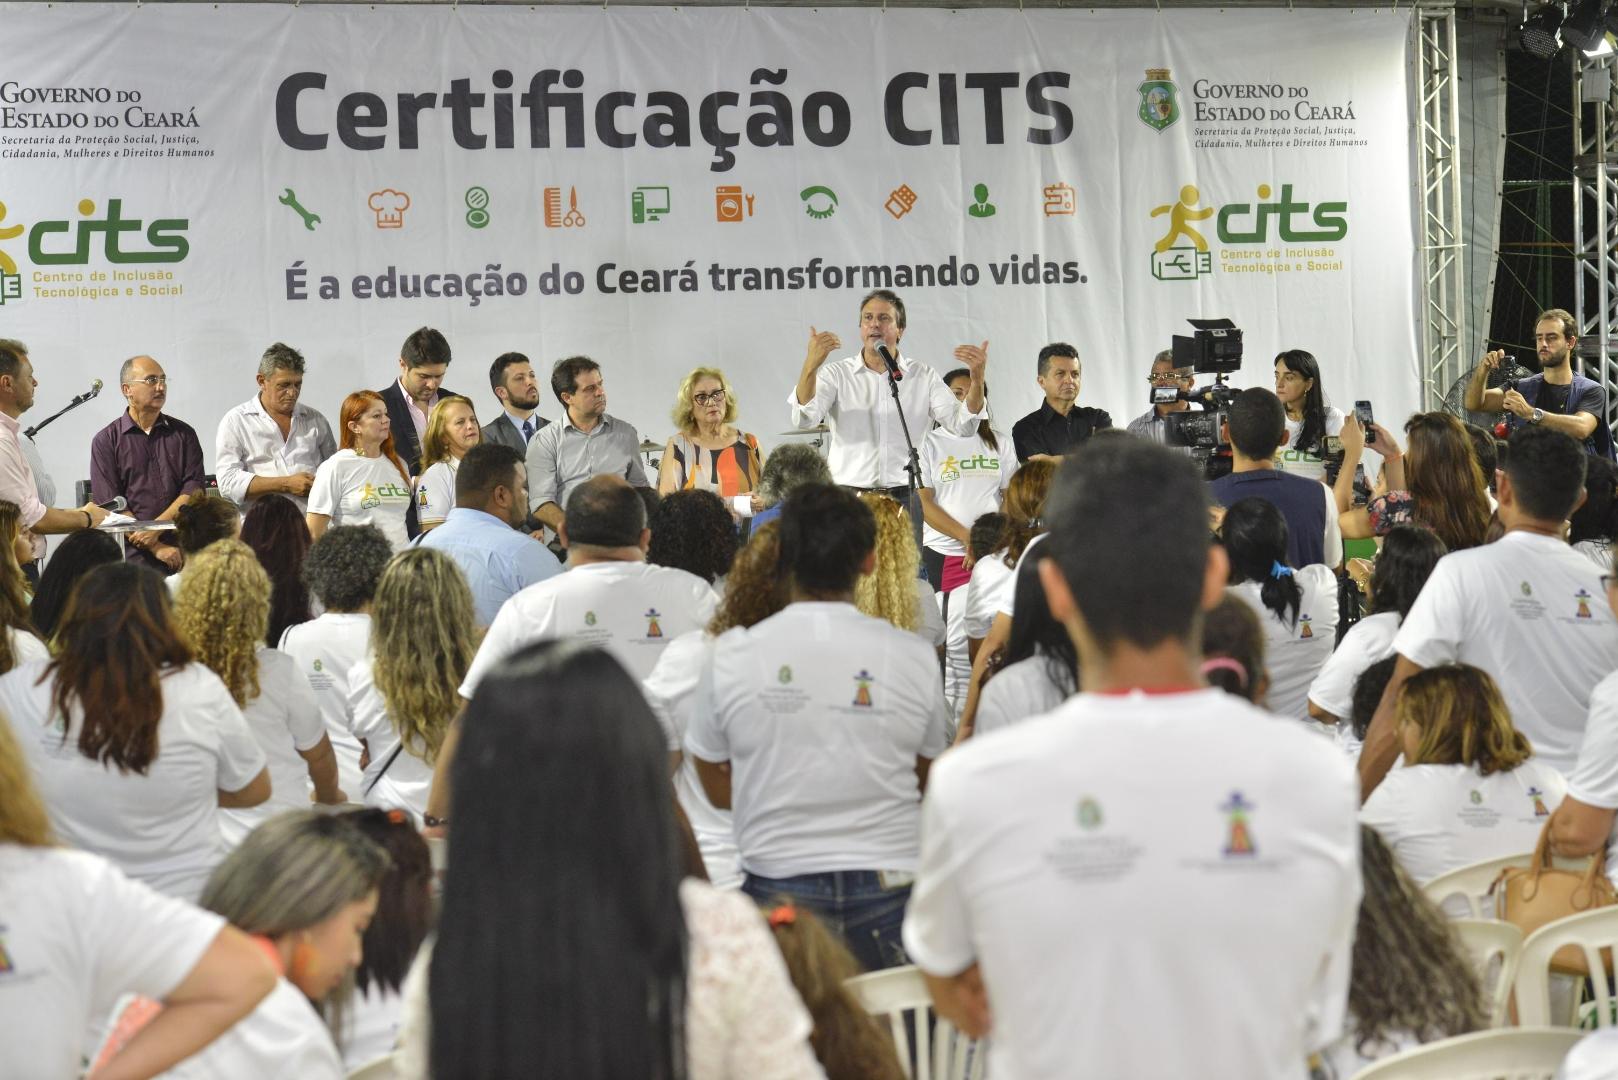 Governo entrega certificados de qualificação profissional pelos CITS e anuncia mais de 4,7 mil vagas para 2019